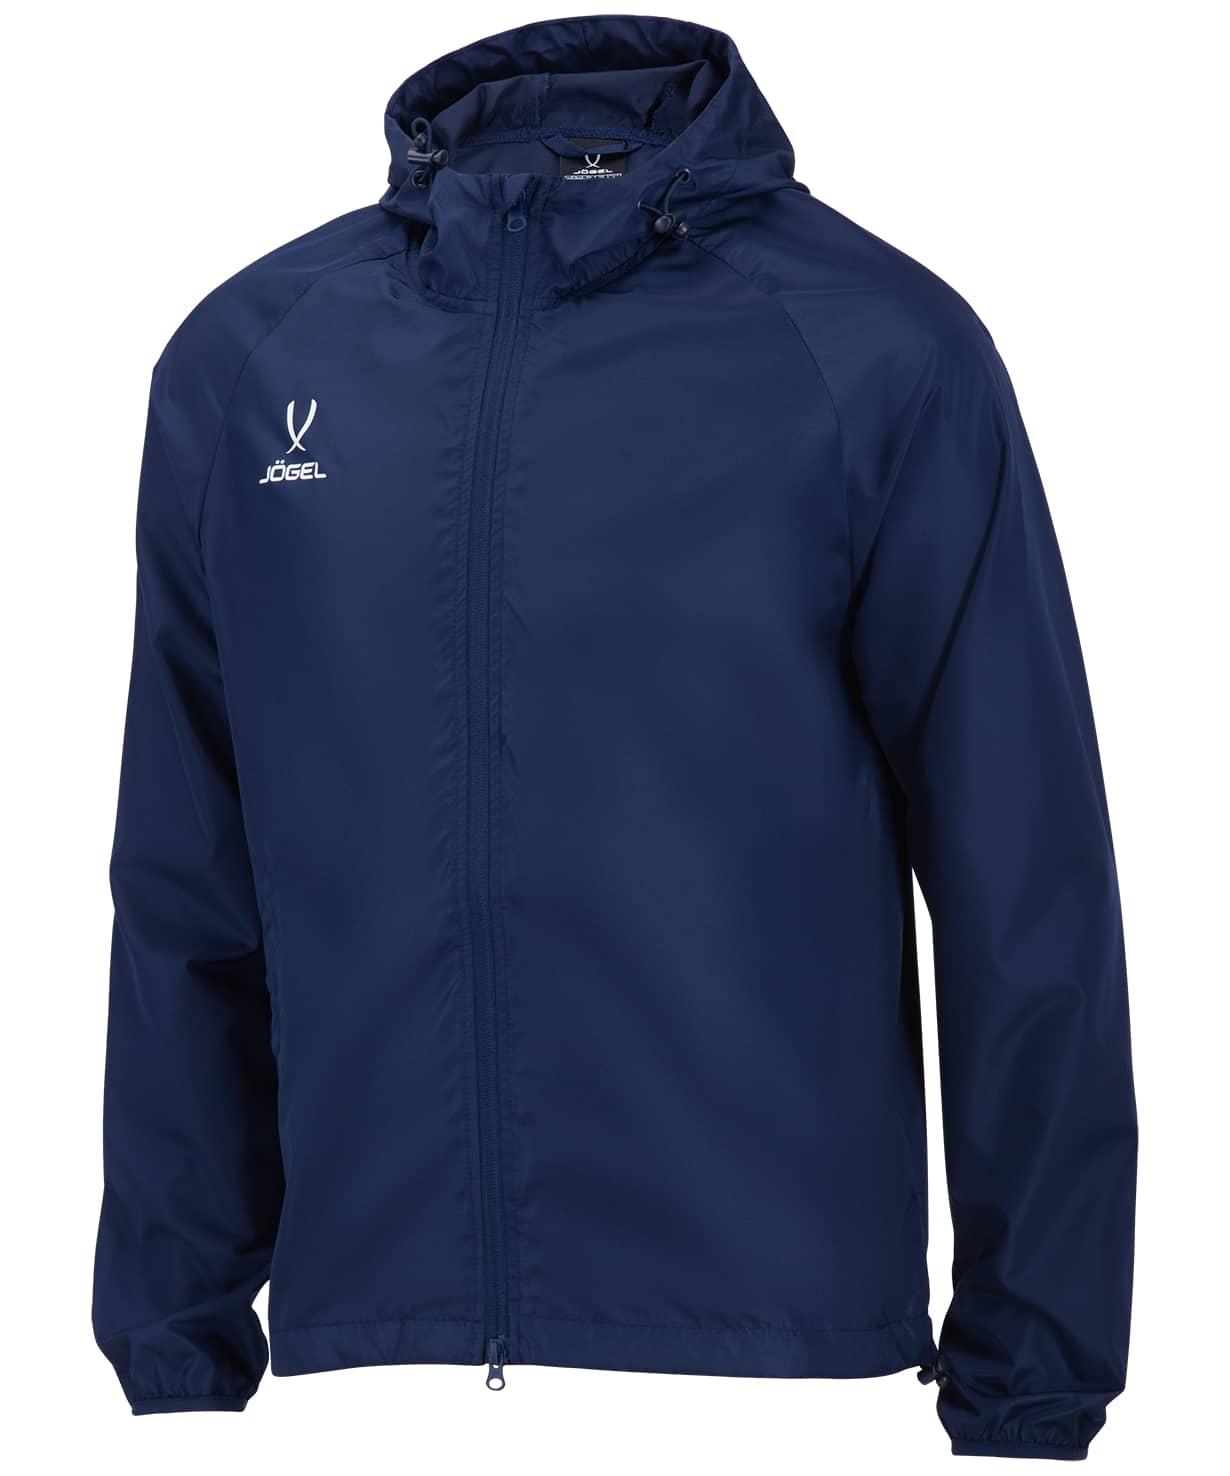 Куртка ветрозащитная детская CAMP Rain Jacket, темно-синий